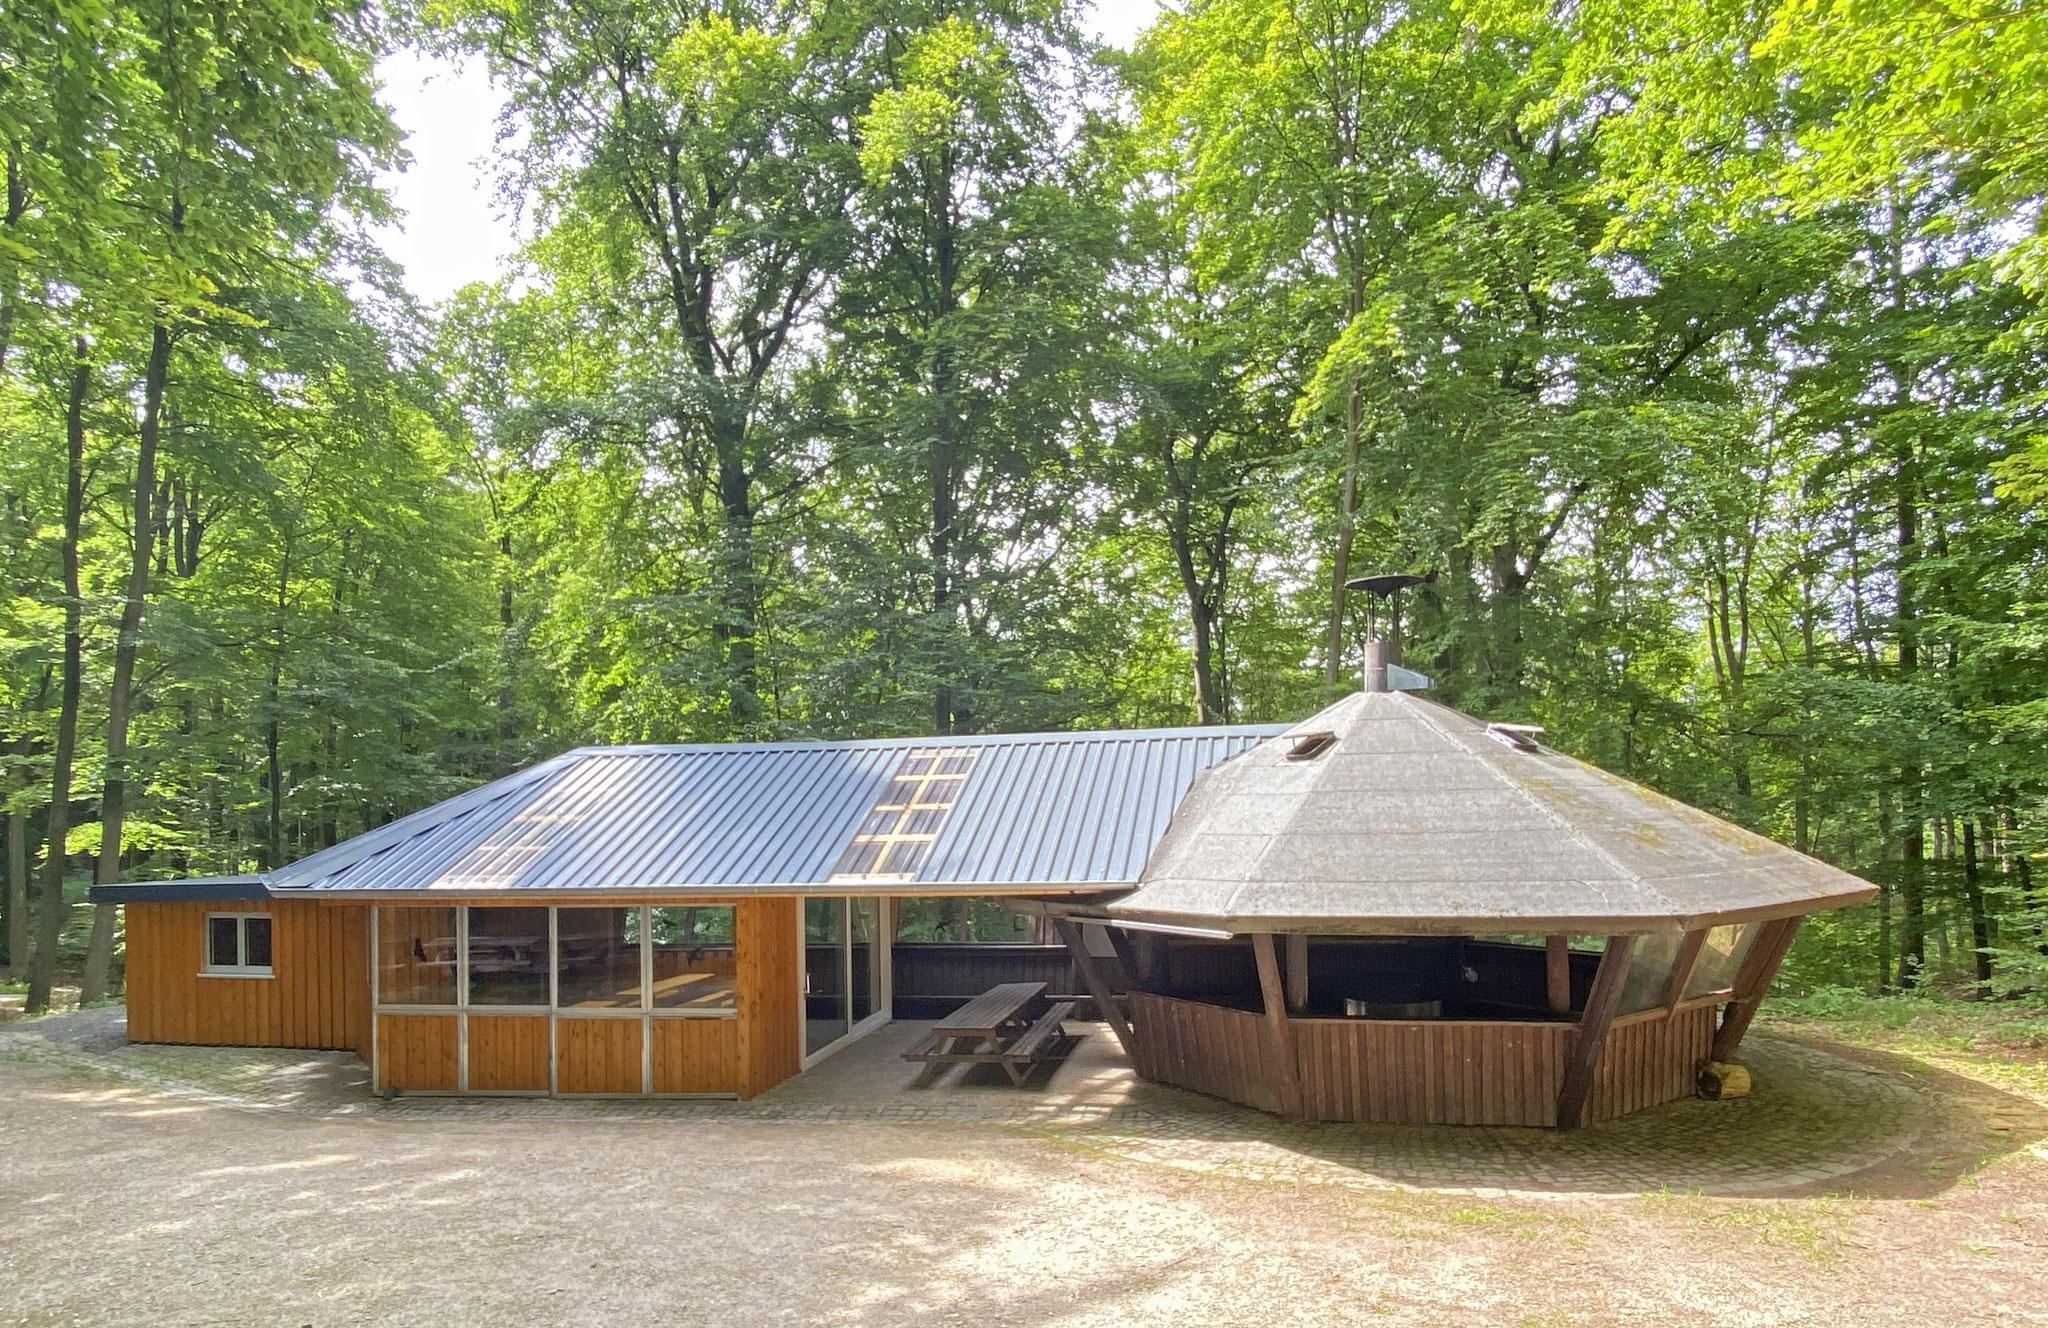 Gesamtansicht der Hütte mit Küche, geschlossenem Teil und halboffener Grillstelle